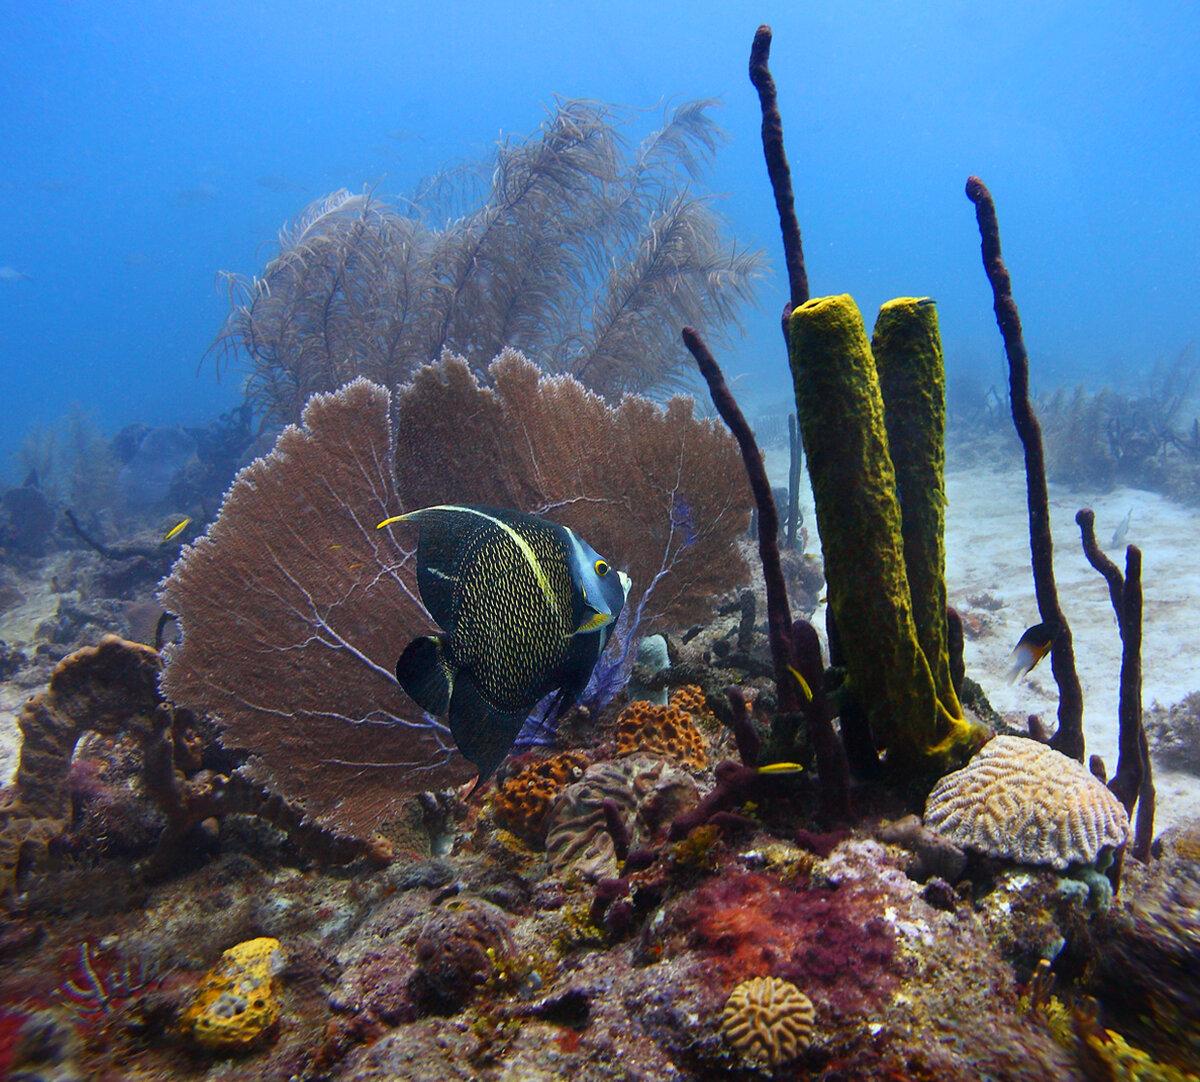 фото подводного мира пейзажа если эта информация